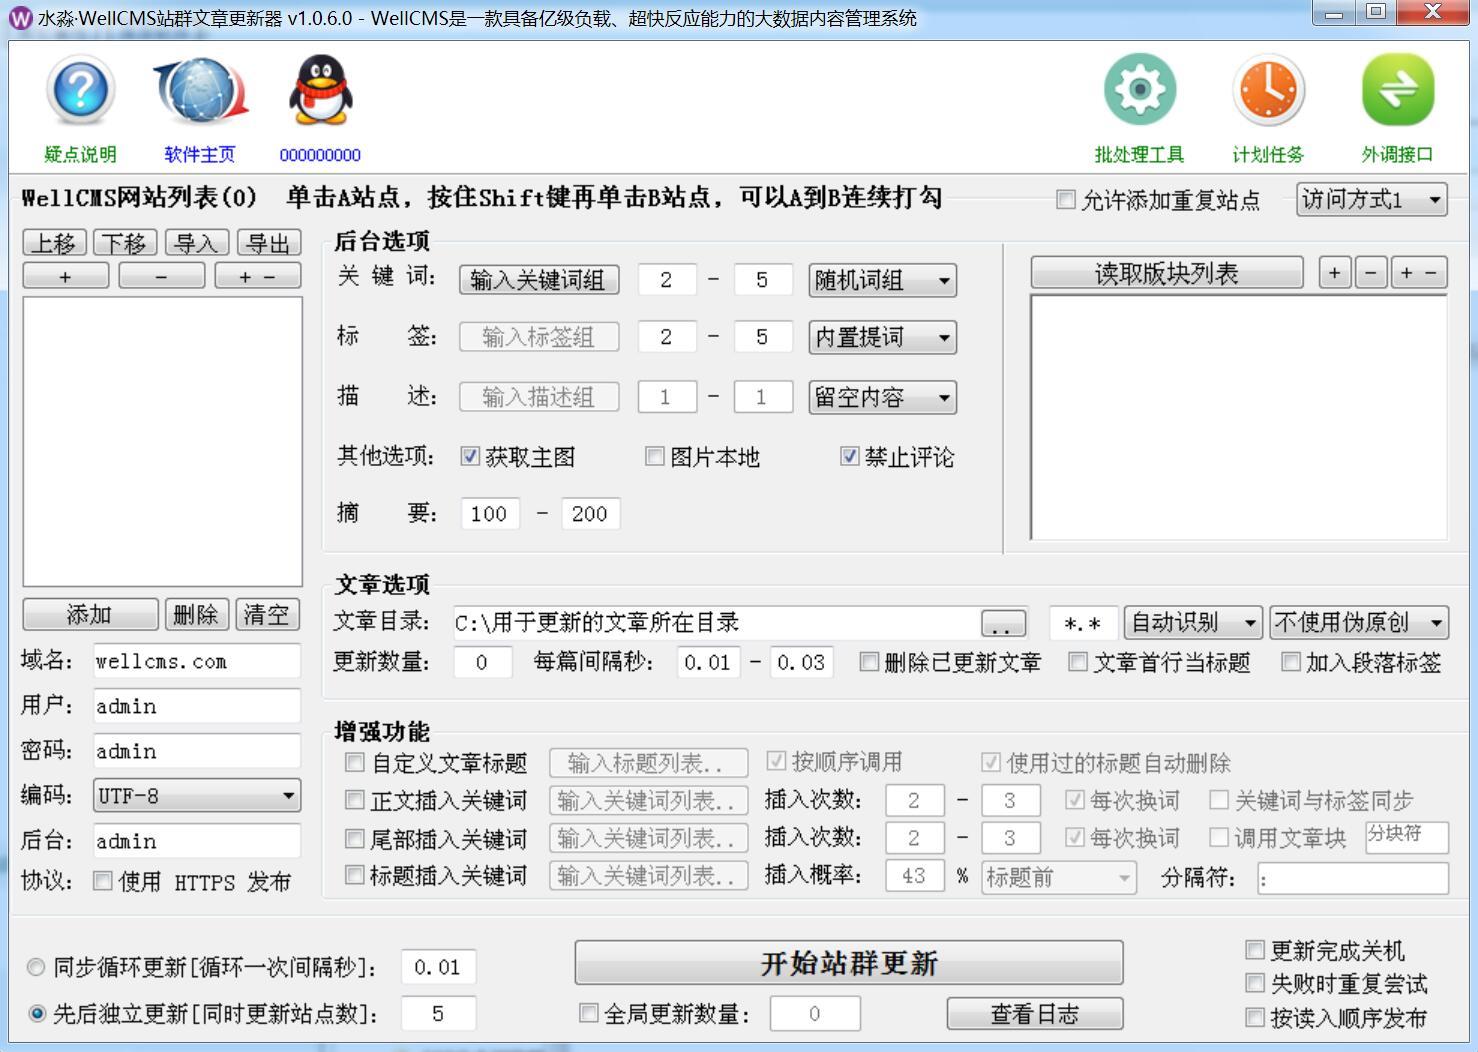 水淼・WellCMS站群文章更新器 v1.0.7.0